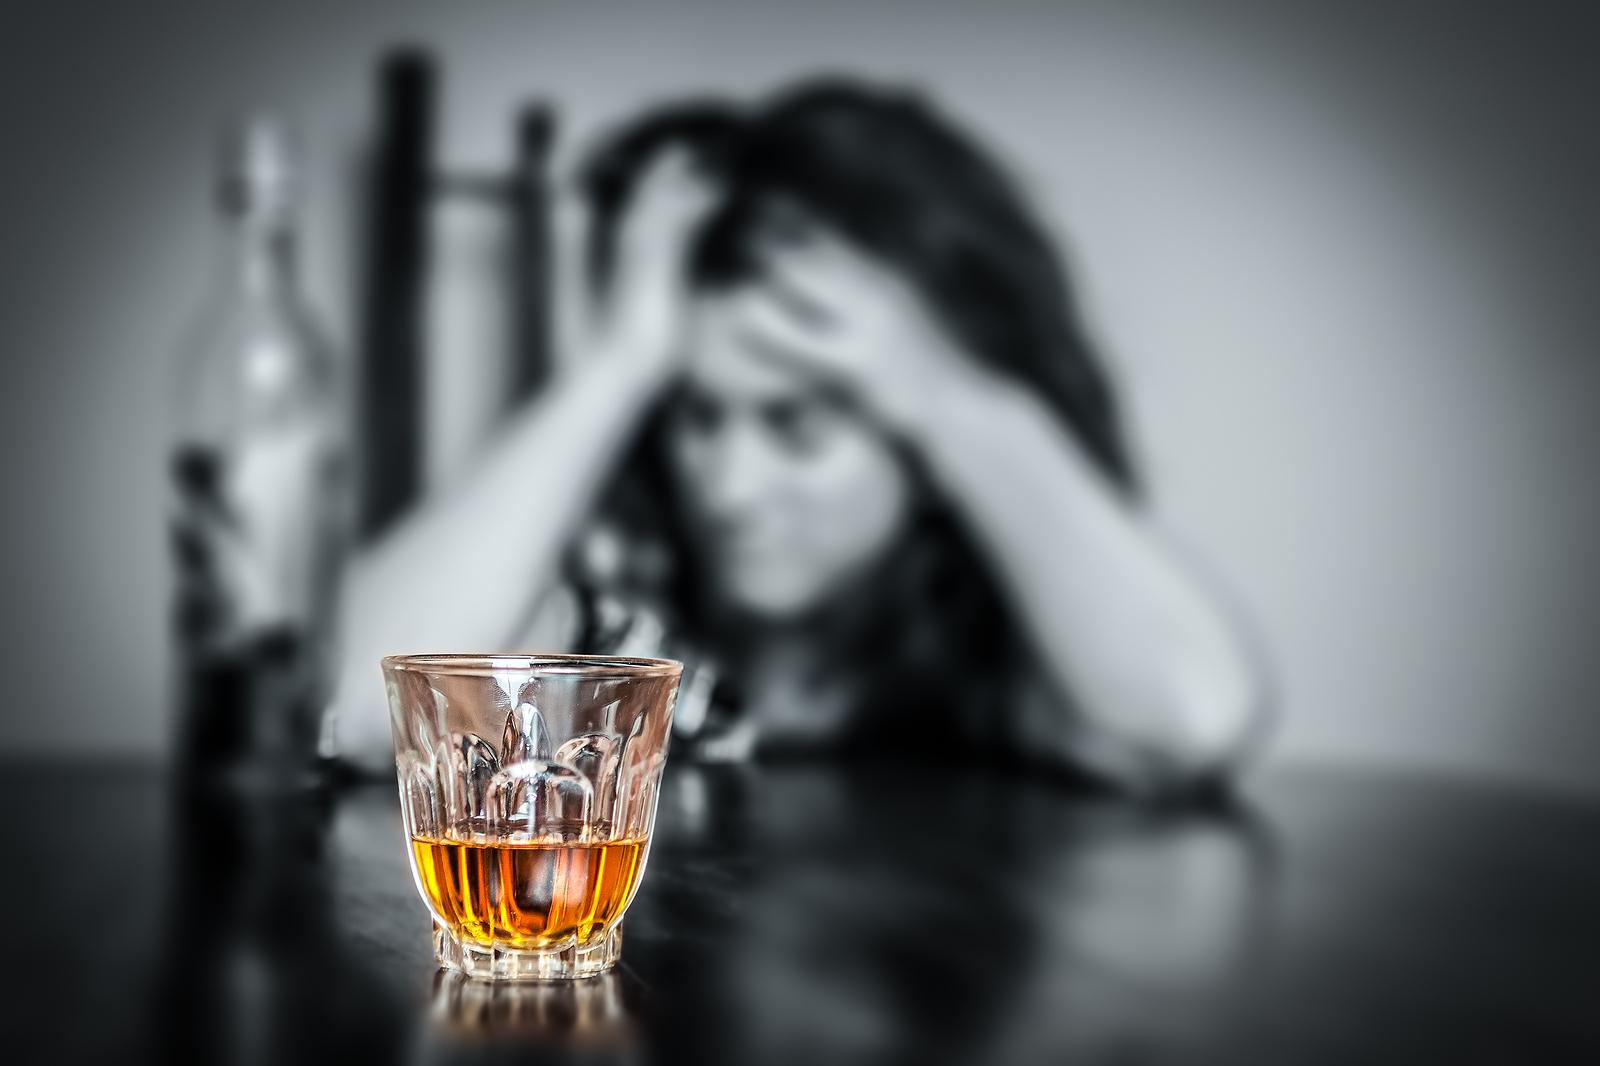 стакан с алкоголем и женщина